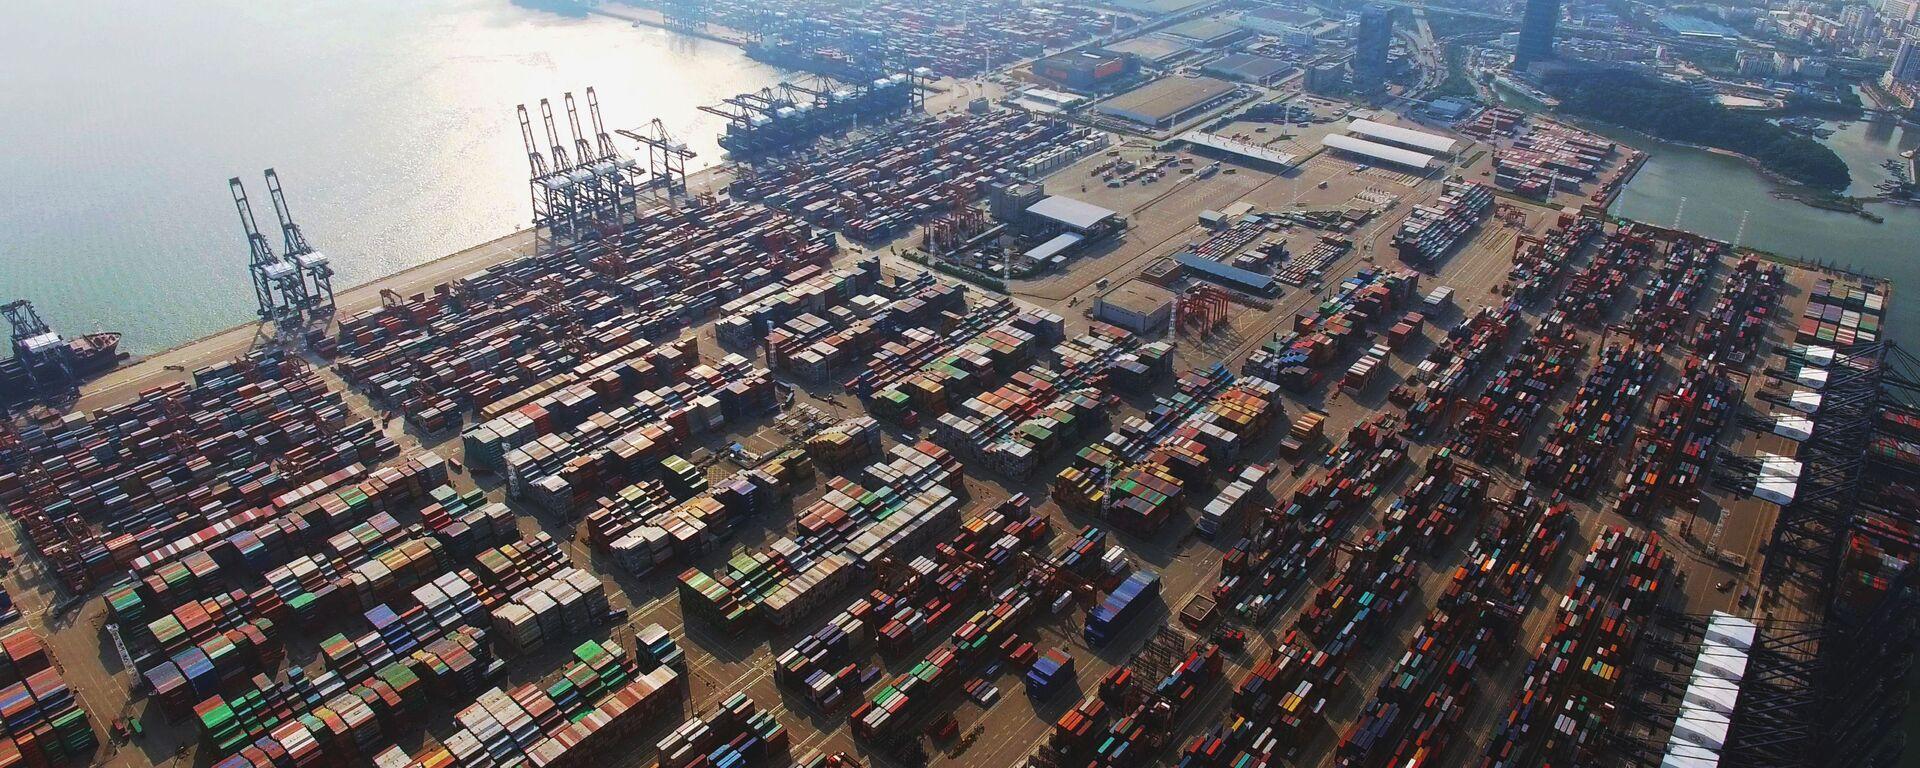 Quang cảnh cảng Yantian của Trung Quốc. - Sputnik Việt Nam, 1920, 09.10.2021